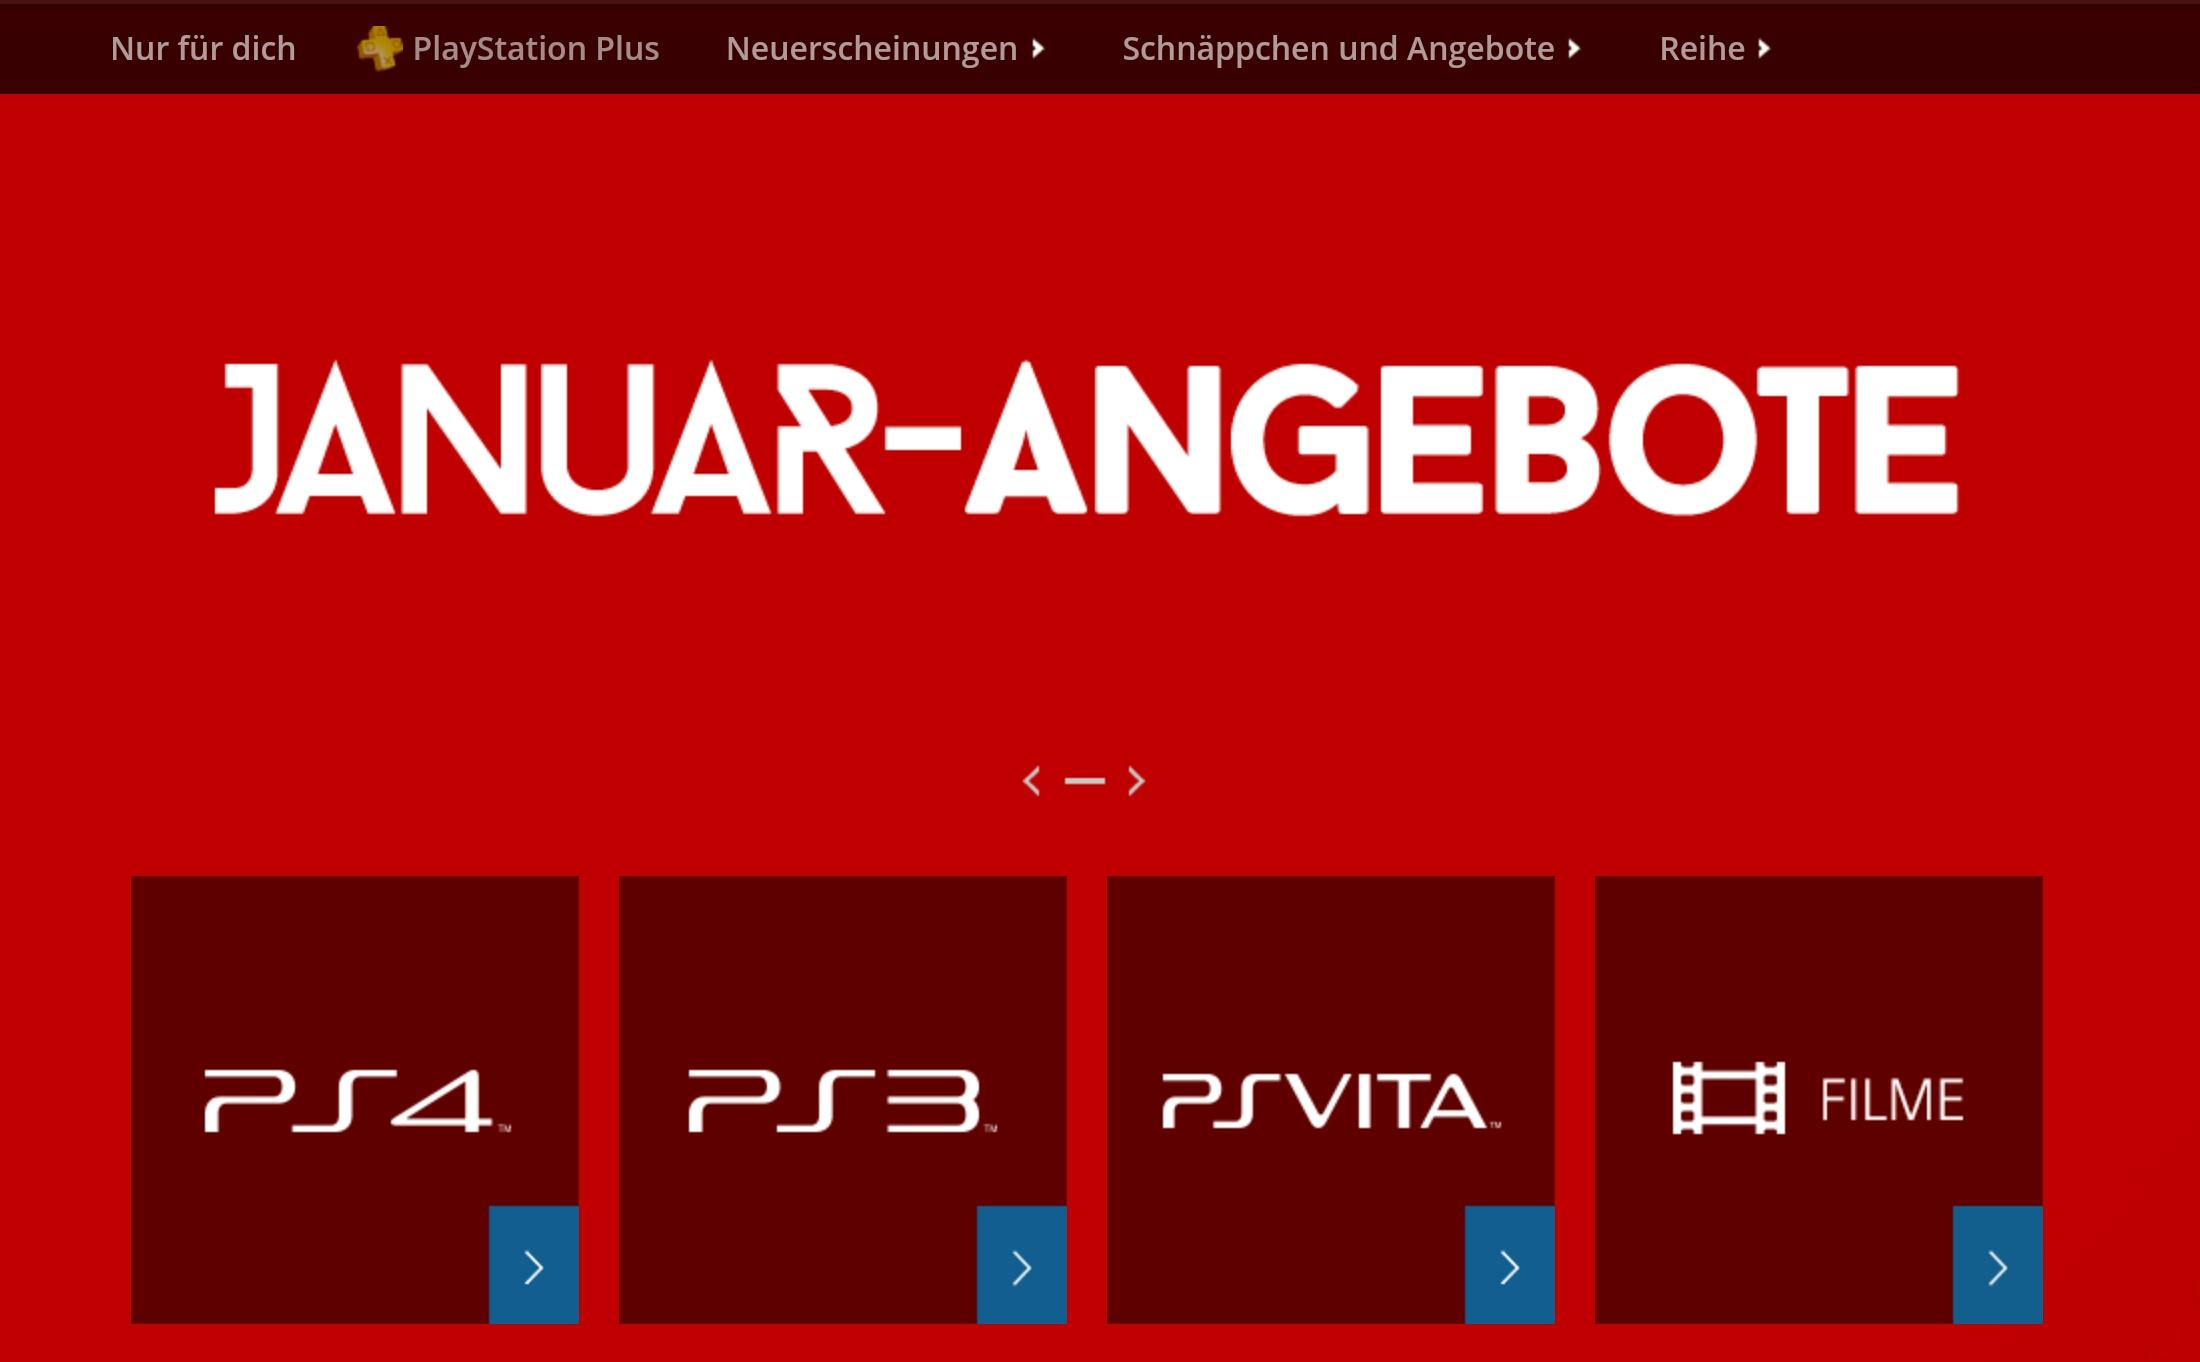 [PSN] Viele Games reduziert! zB Witcher 3 für 34,99€, Destiny: König der Besessenen - Legendary Edition für 29,99€